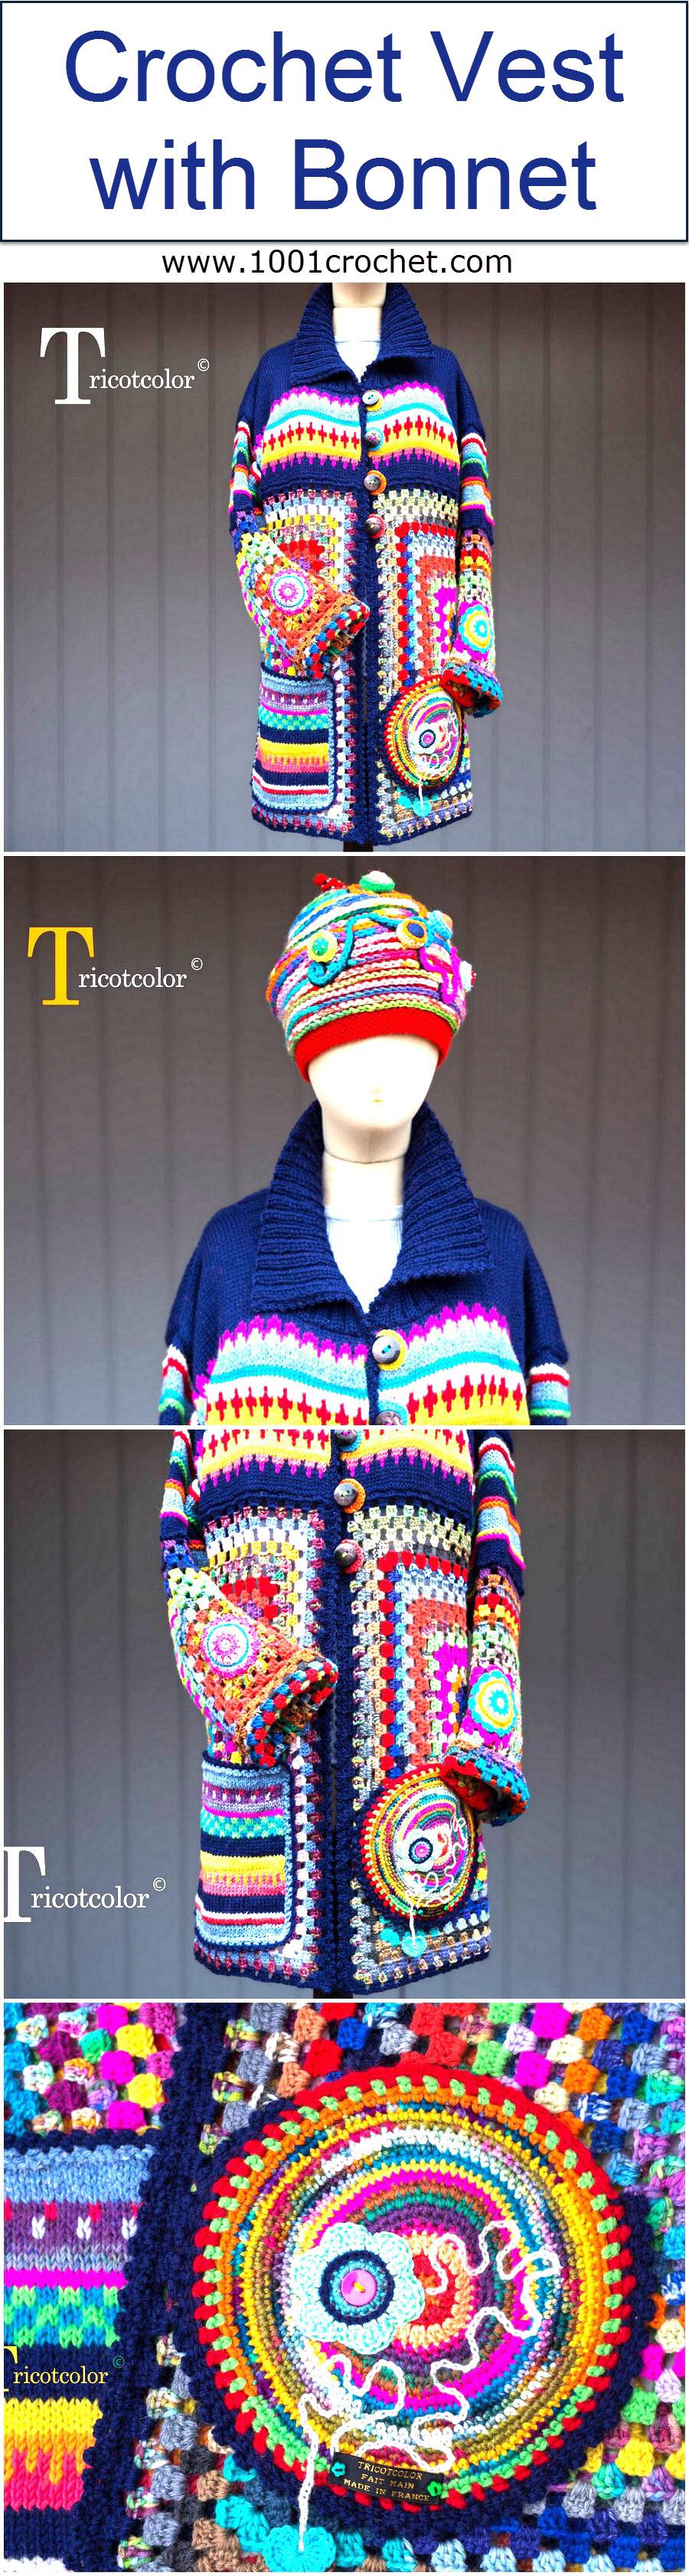 crochet-vest-with-bonnet